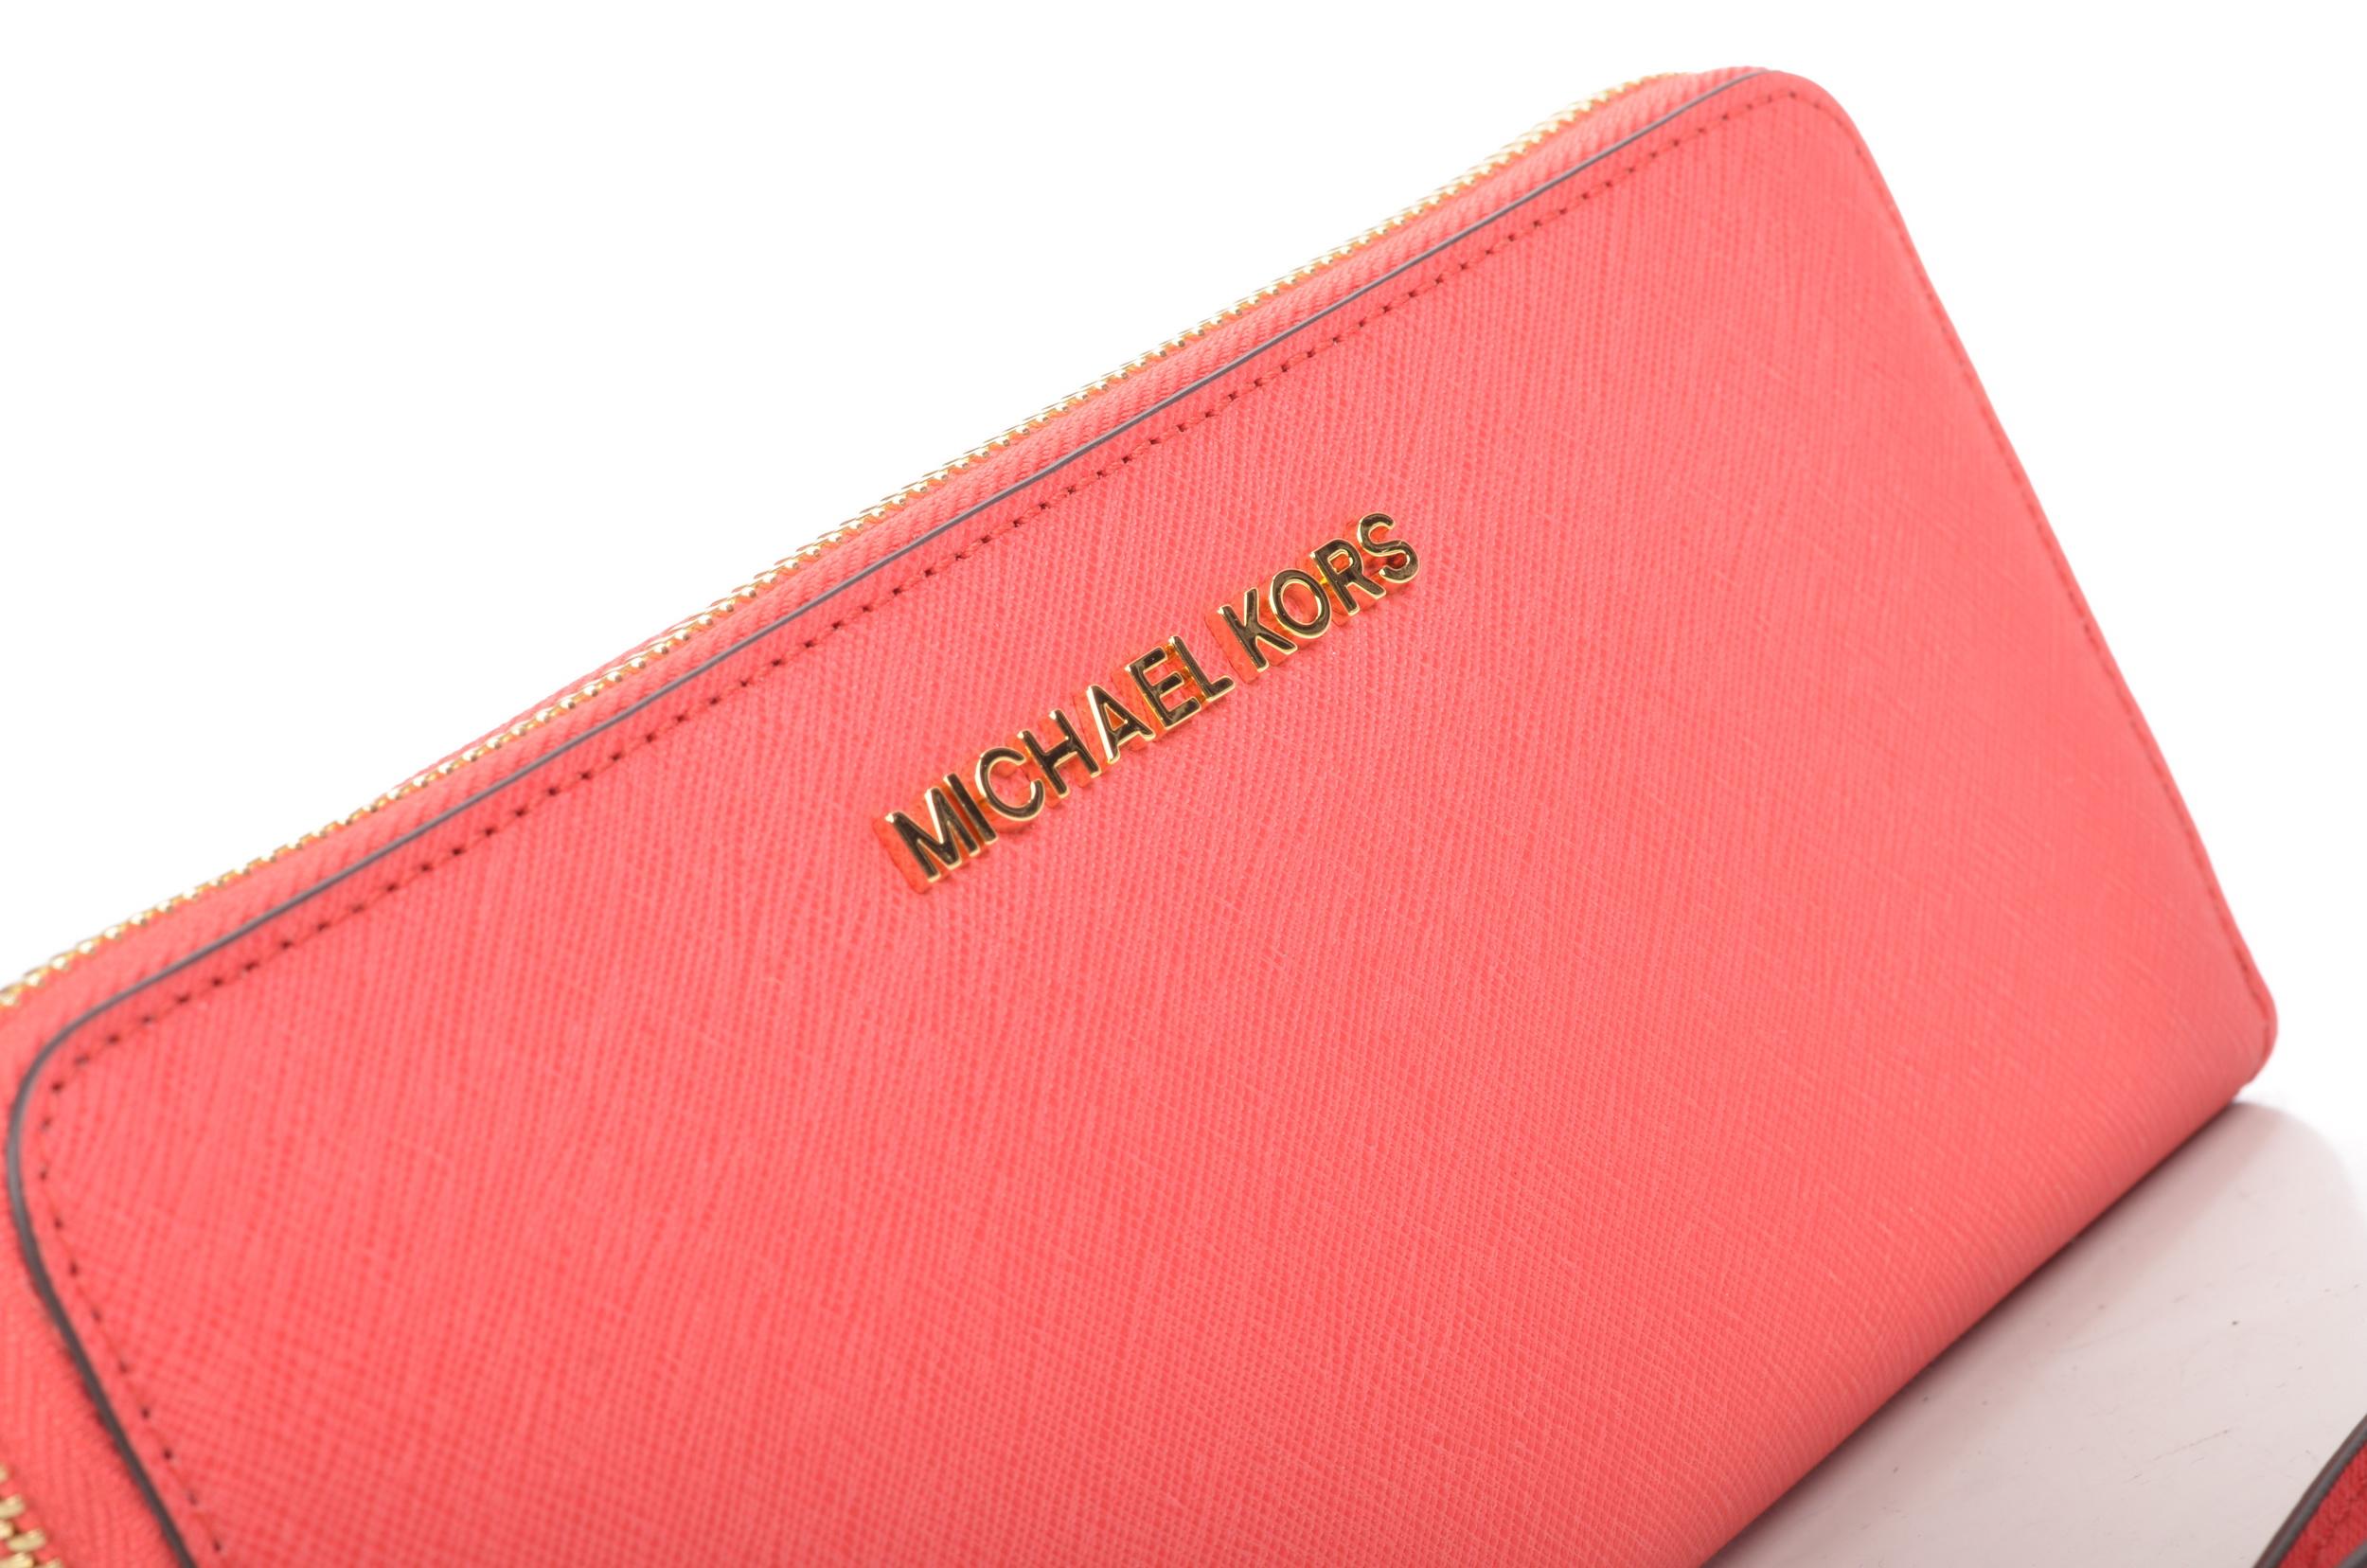 Concediti una follia con i migliori modelli dei portafogli Michael Kors